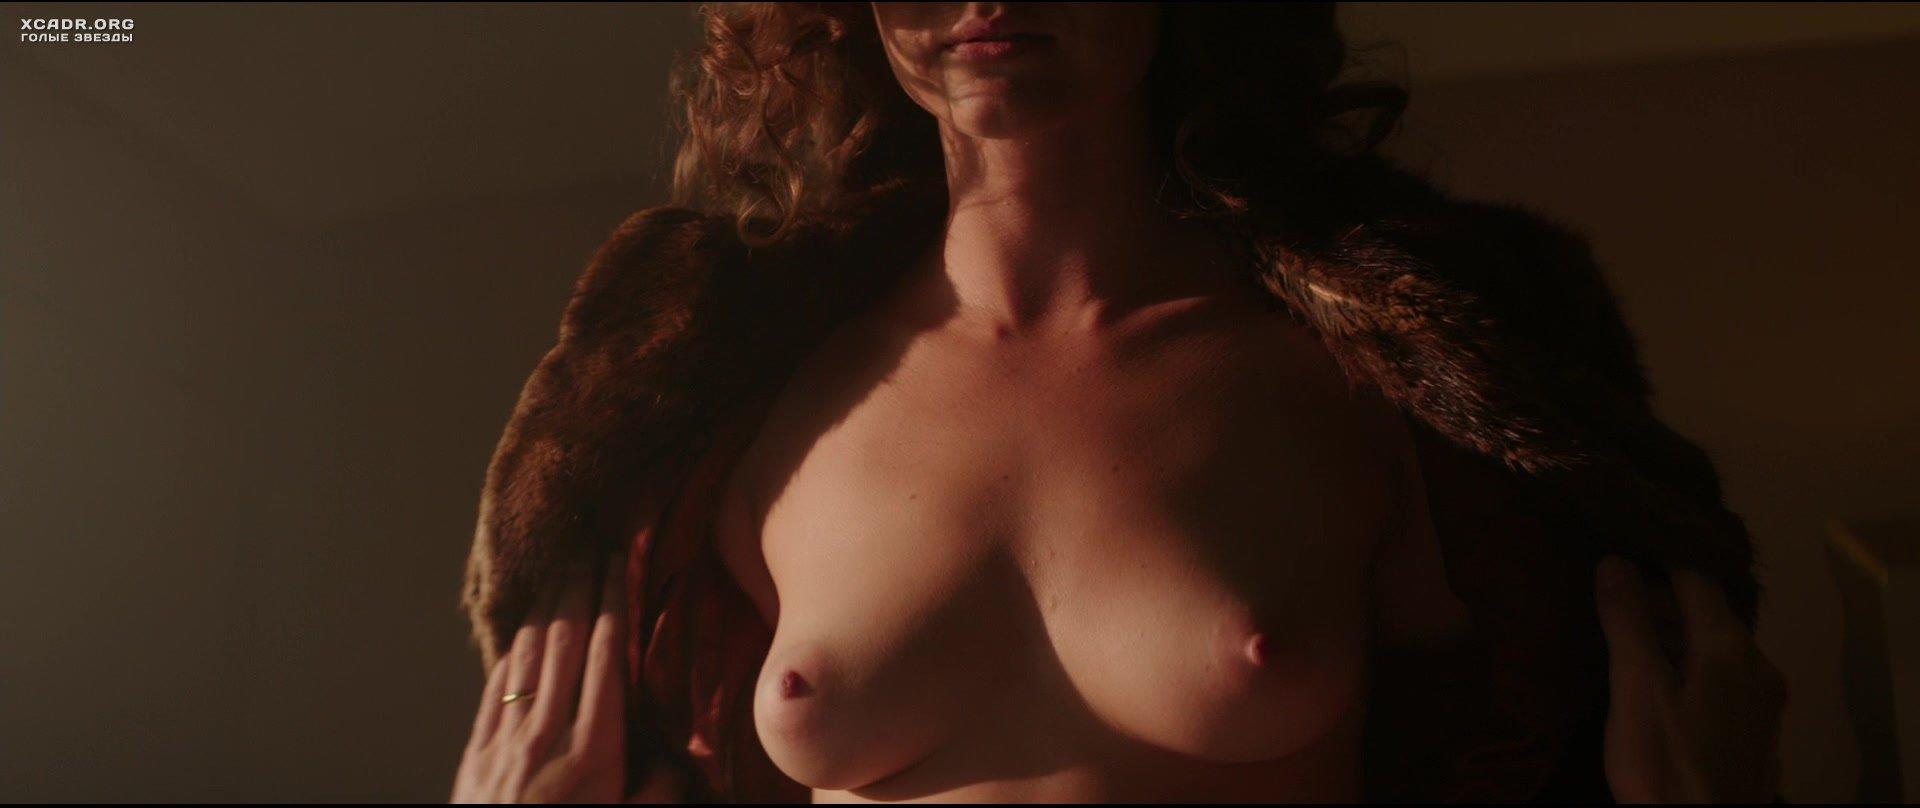 Lauren london nude in movie